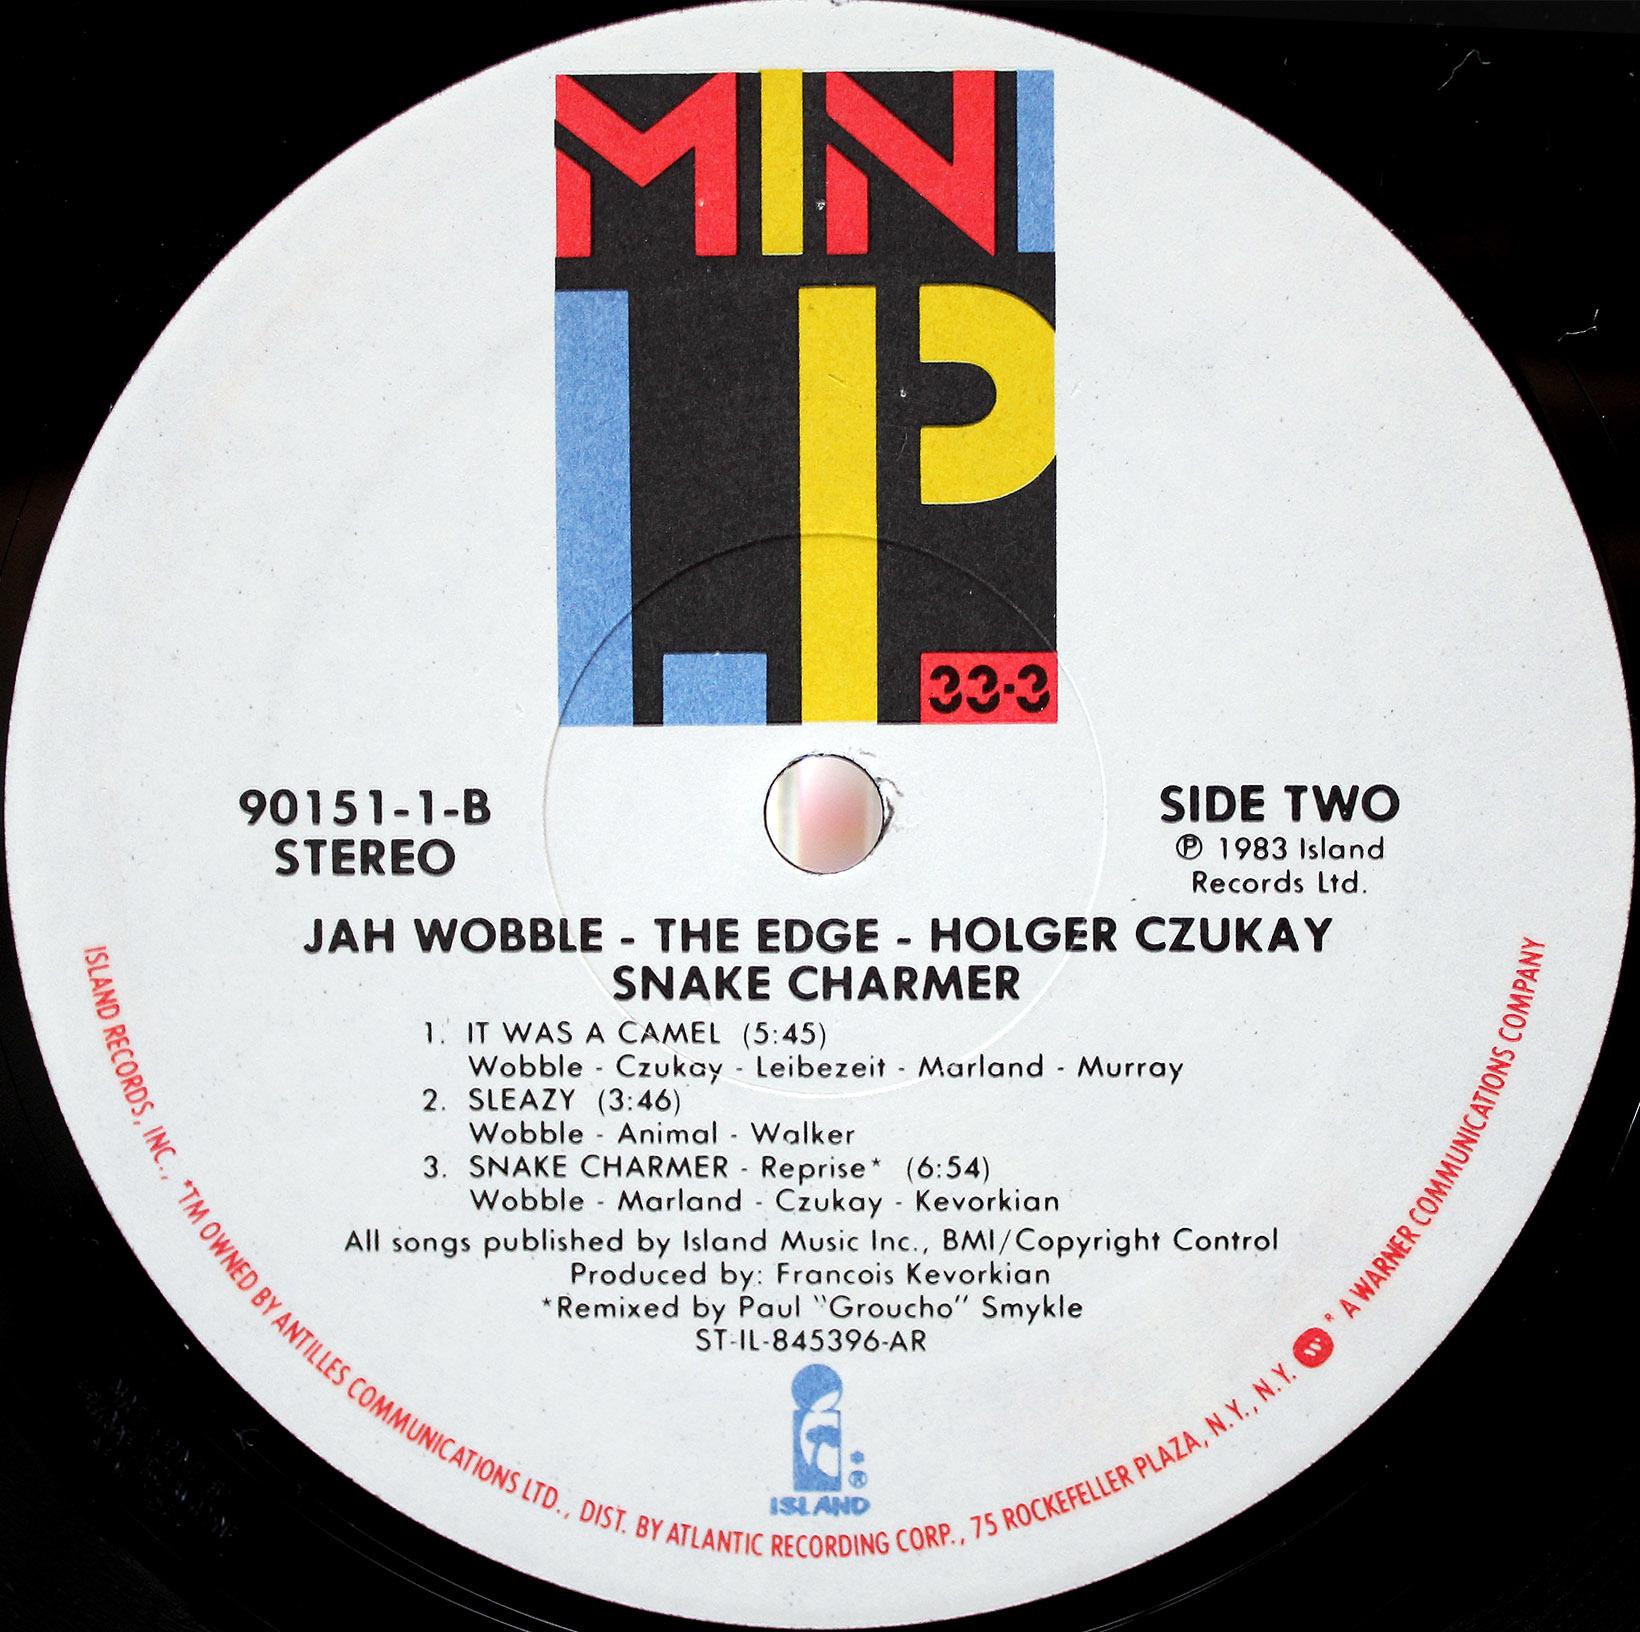 Jah Wobble, The Edge, Holger CzukaySnake Charmer 04